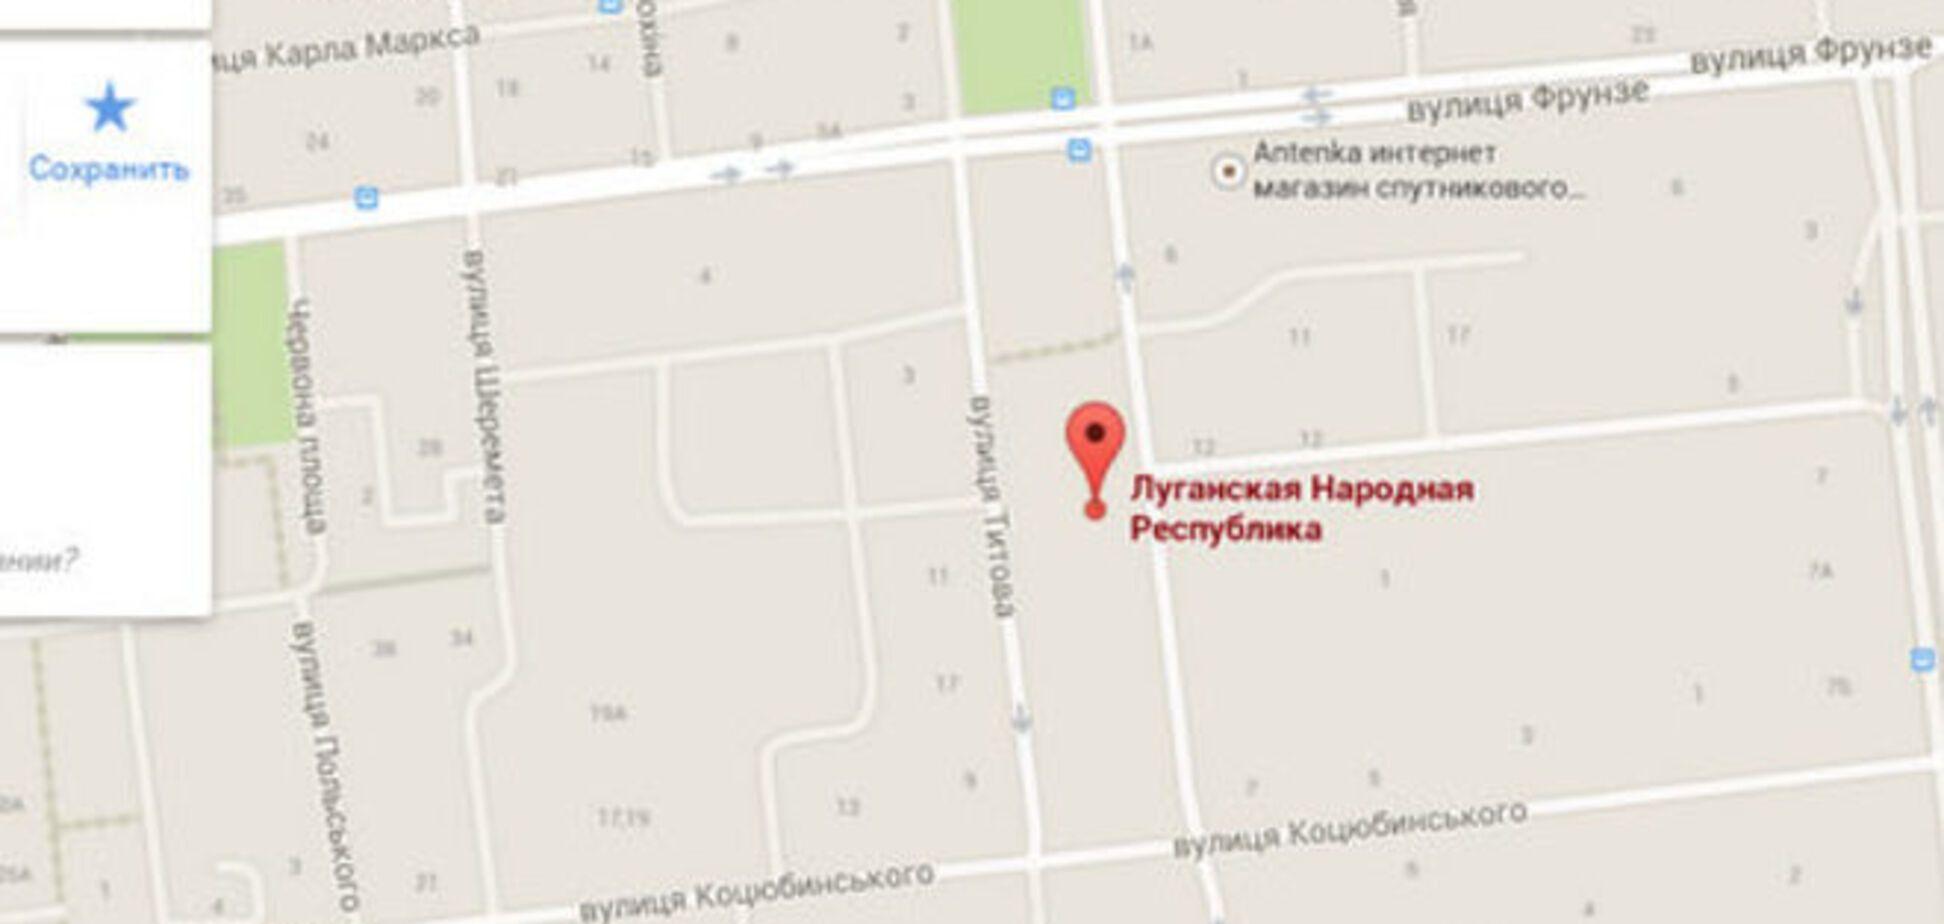 Очередная фейковая сенсация русСМИ: Google 'признал' 'ЛНР'